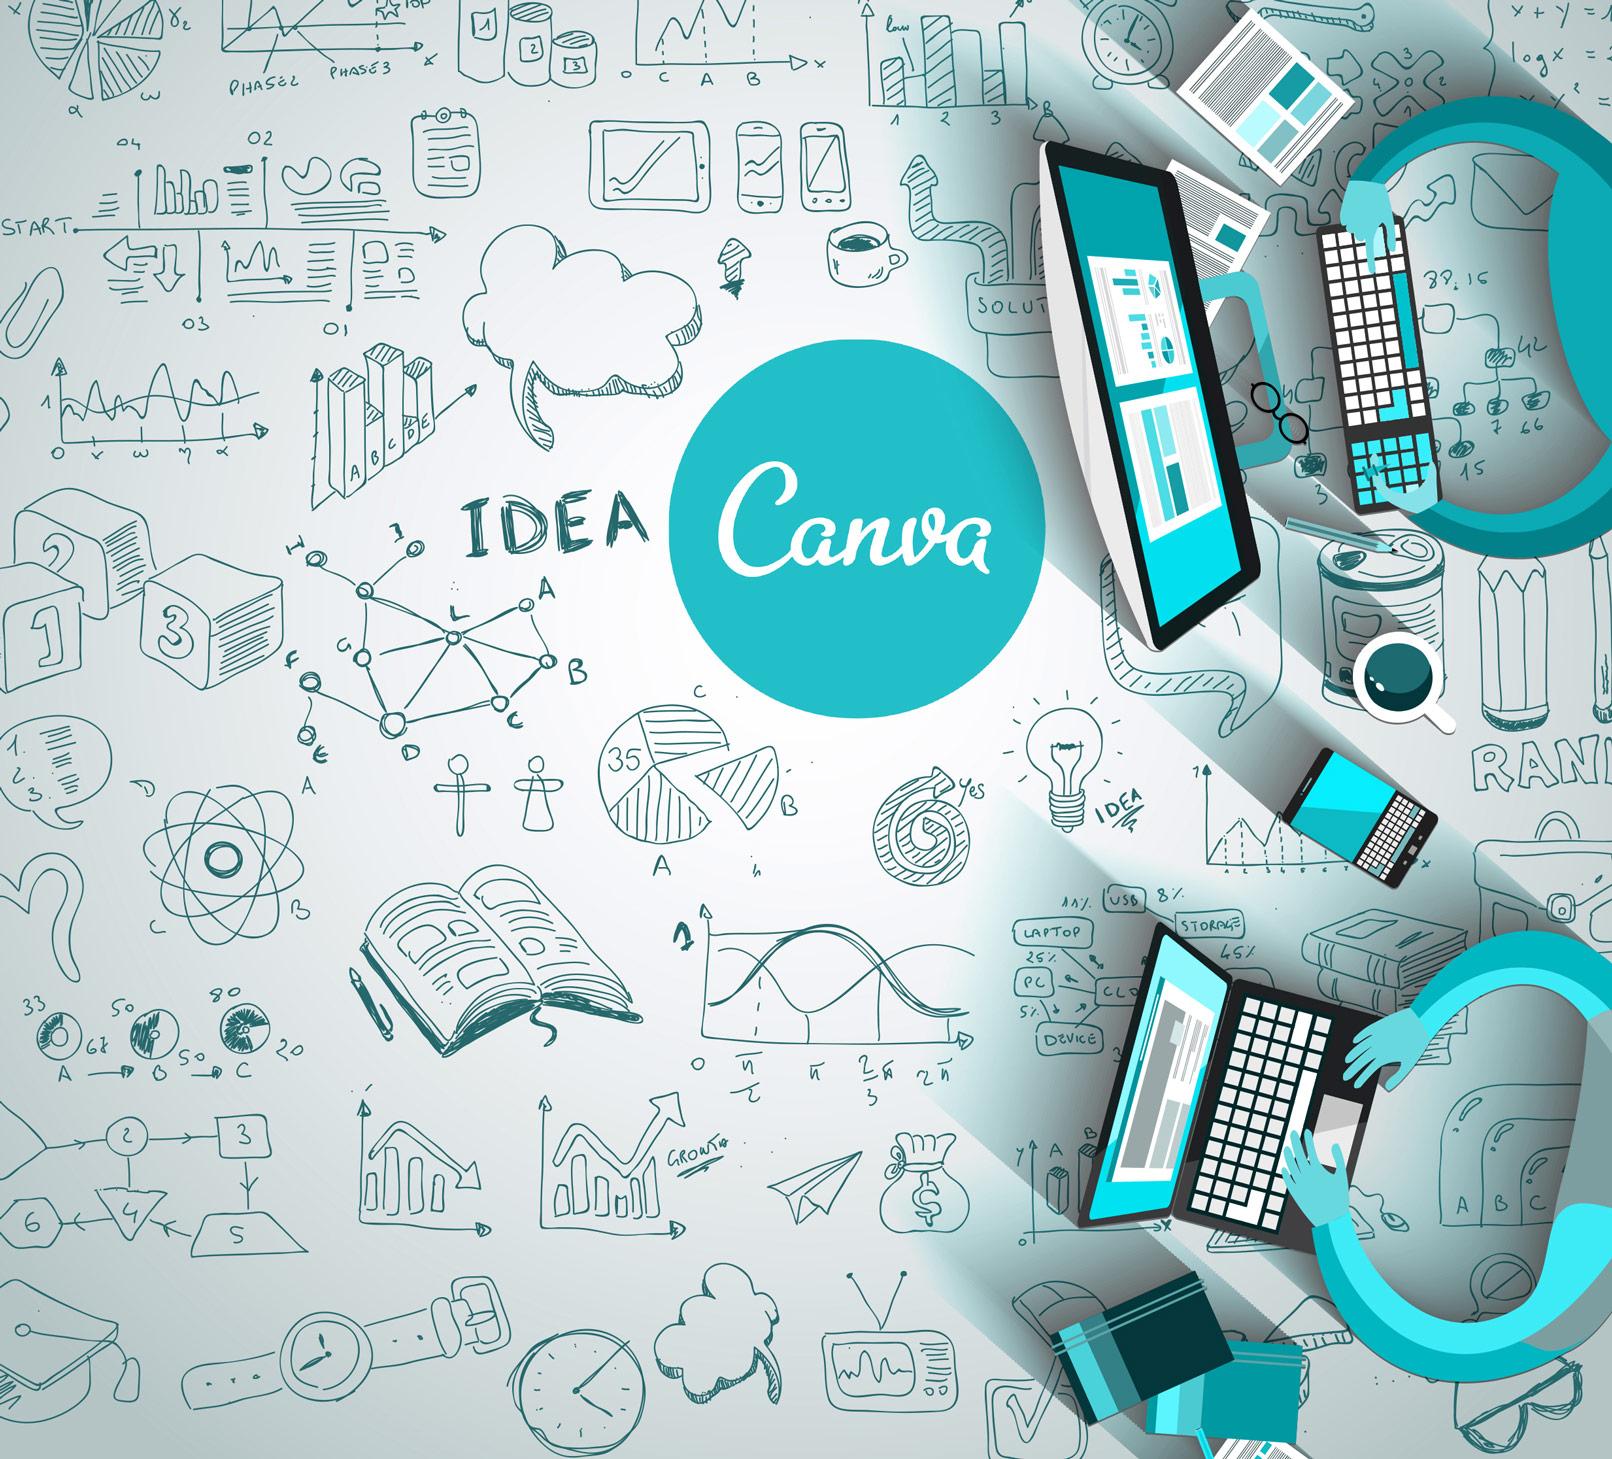 Canva: Erstelle ansprechende Grafiken und optimiere dein Design. Ideal für Einsteiger!